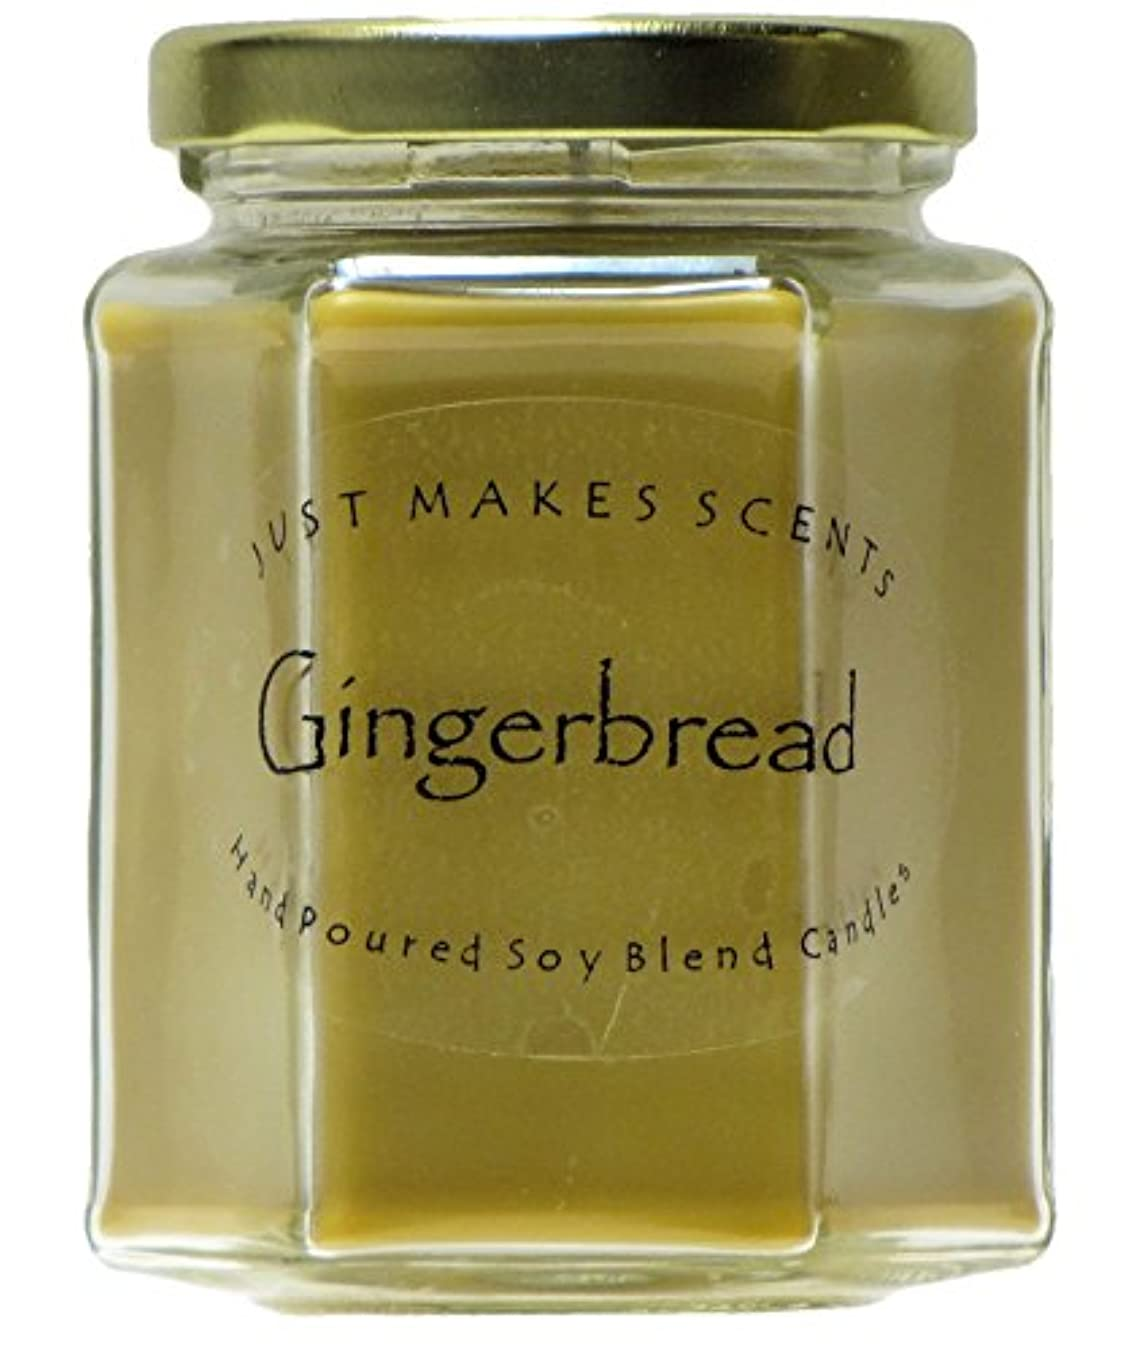 感覚多数の戻すGingerbread香りつきBlended Soy Candle by Just Makes Scents